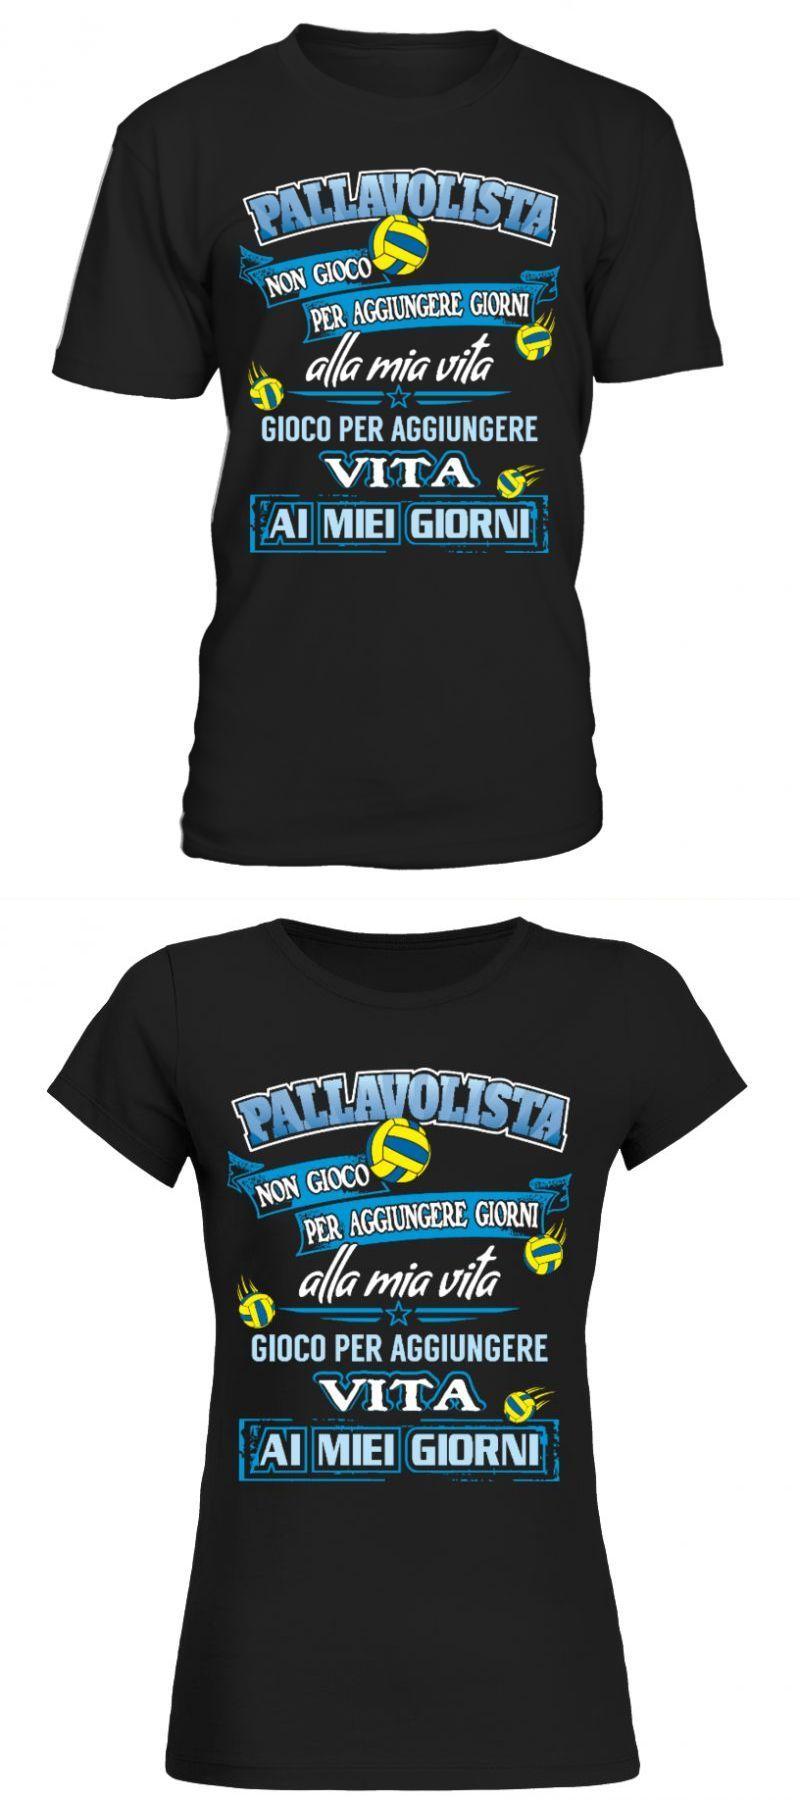 T Shirt Volleyball Designs Vivo Per Giocare Mizuno T Shirt Volleyball Volleyball Designs Volleyball T Shirt Designs Volleyball Tshirts